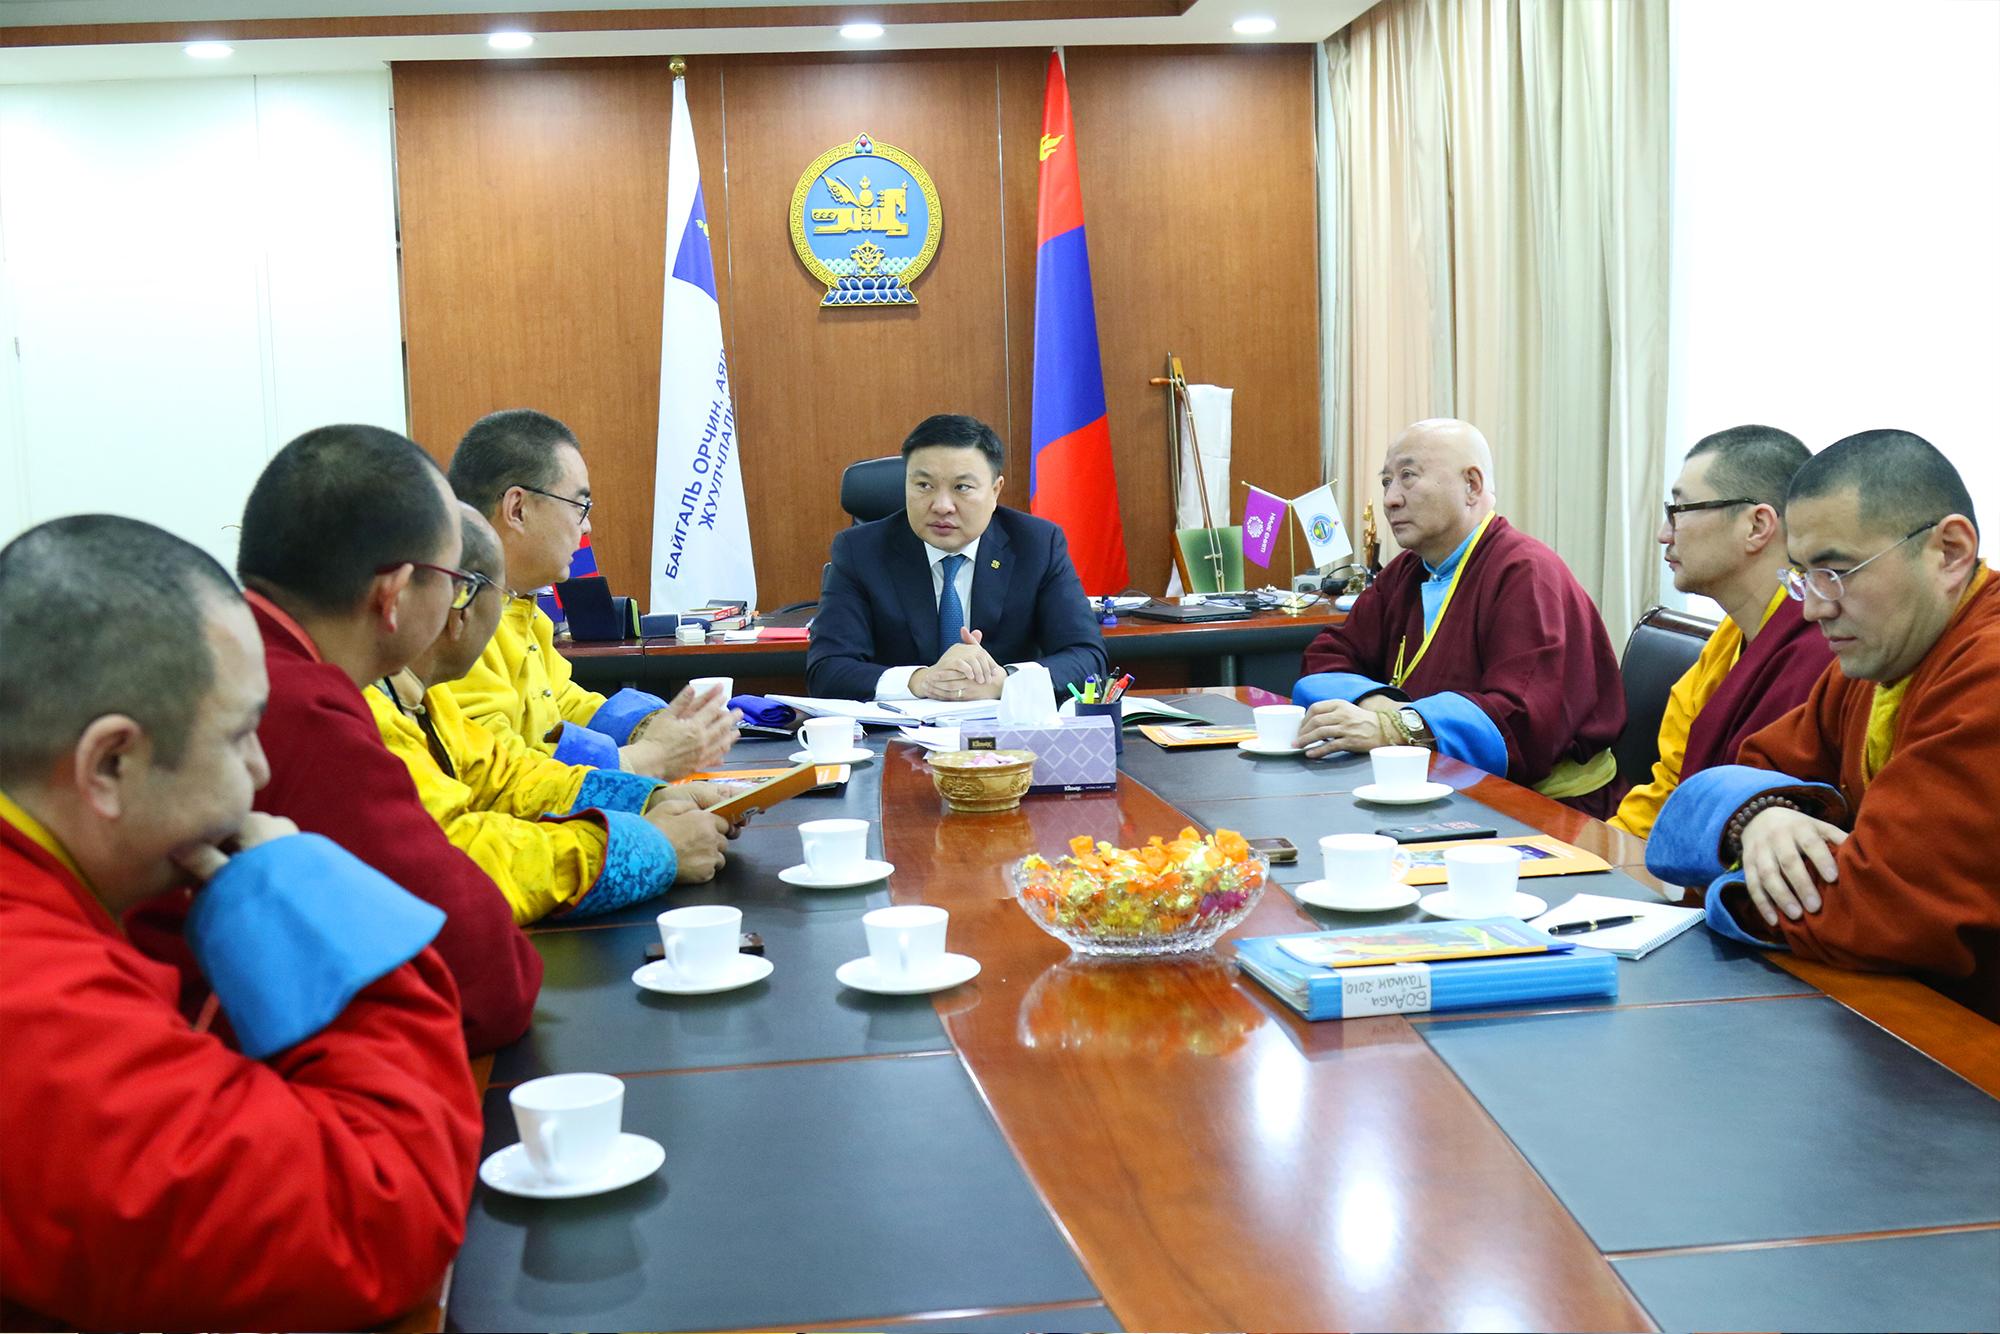 Н.Цэрэнбат: Монголчуудын байгалиа хамгаалах уламжлал, ухамсрыг сэрээх хэрэгтэй